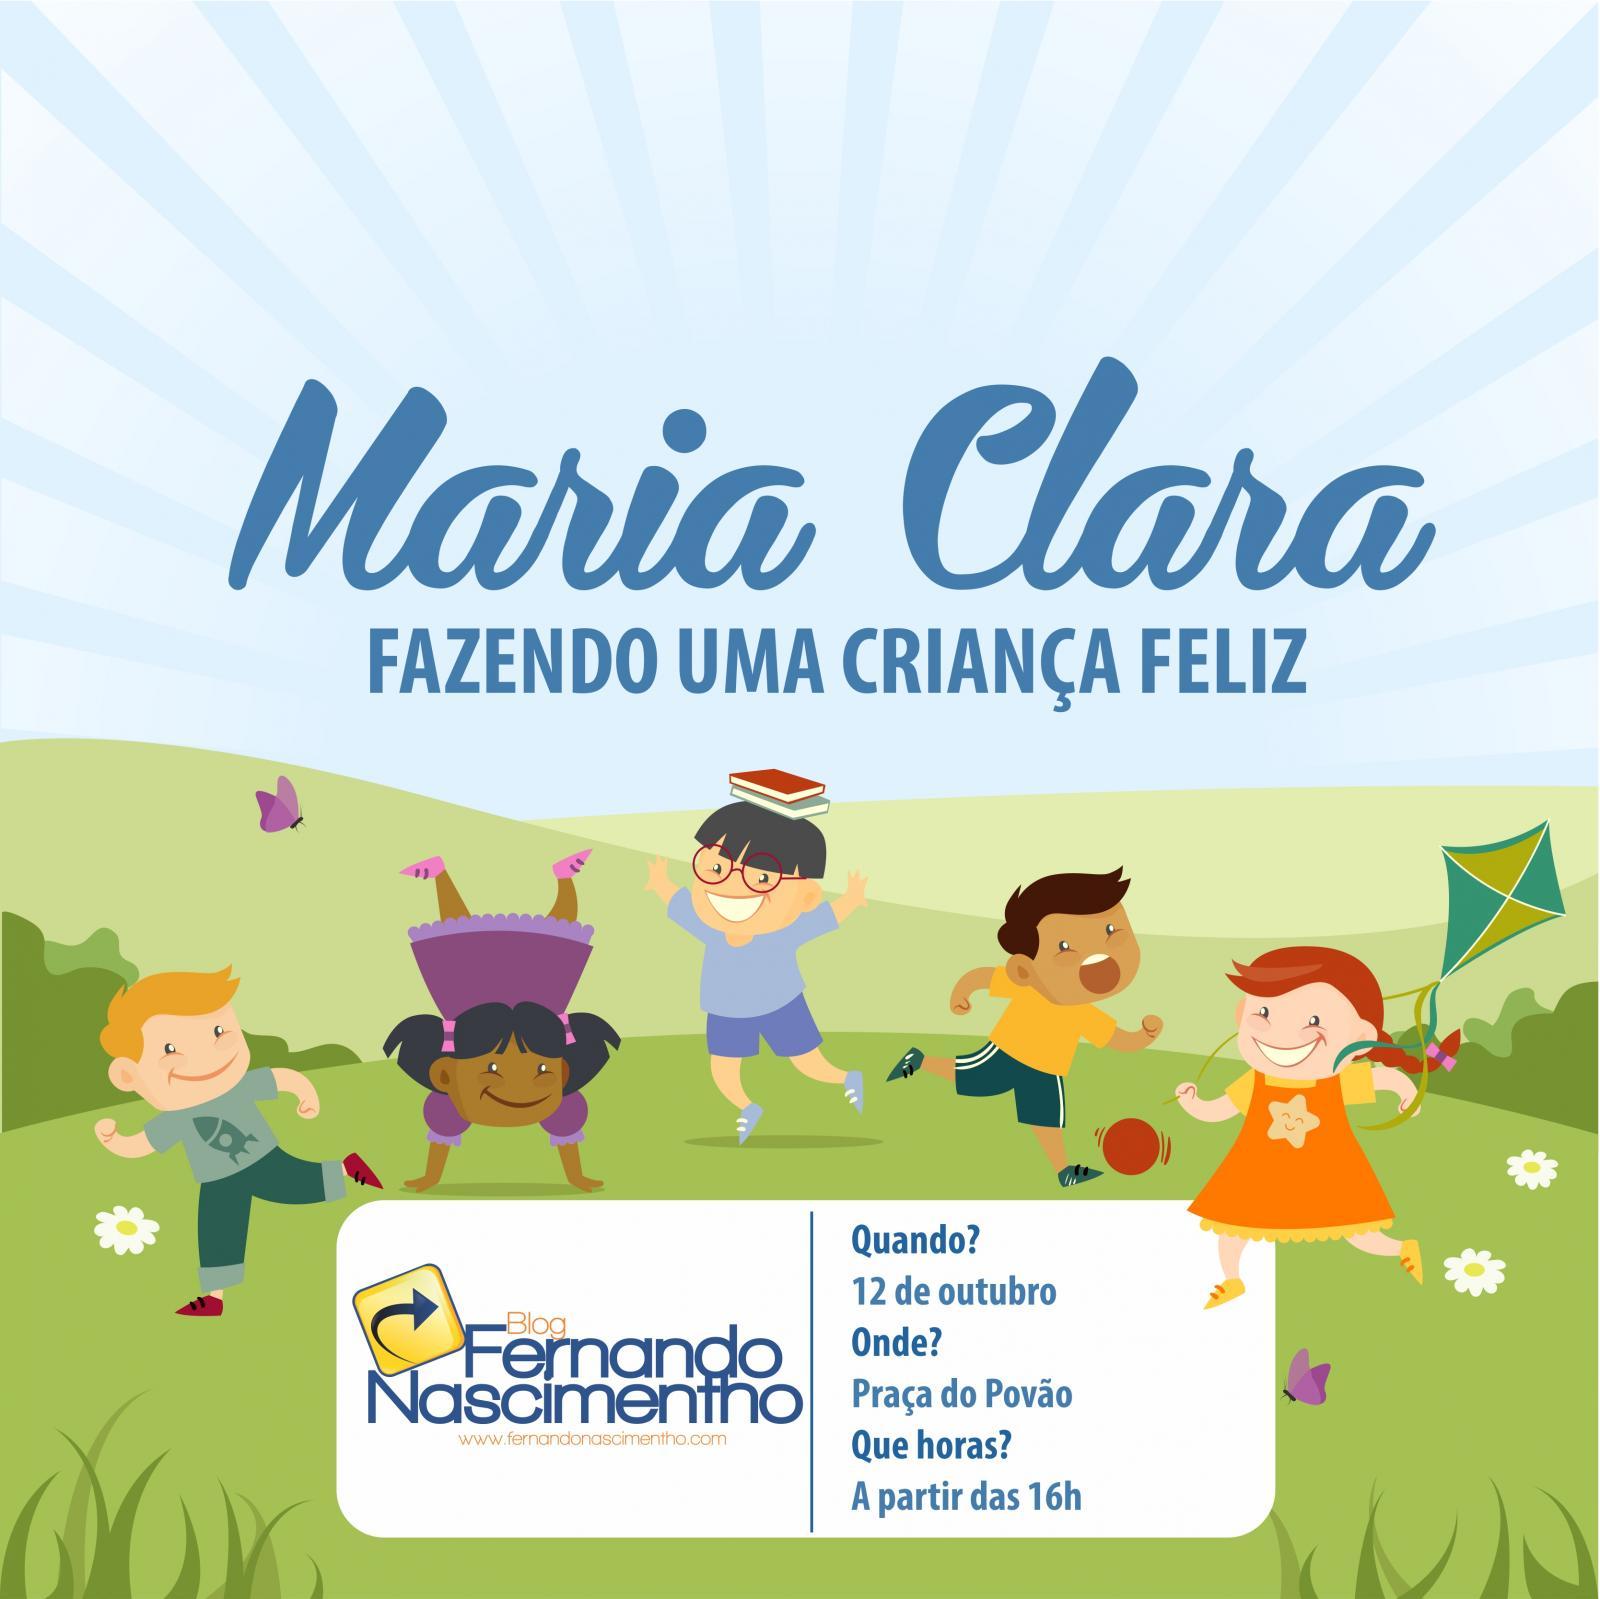 Festa das crianças 'Maria Clara fazendo uma criança feliz'